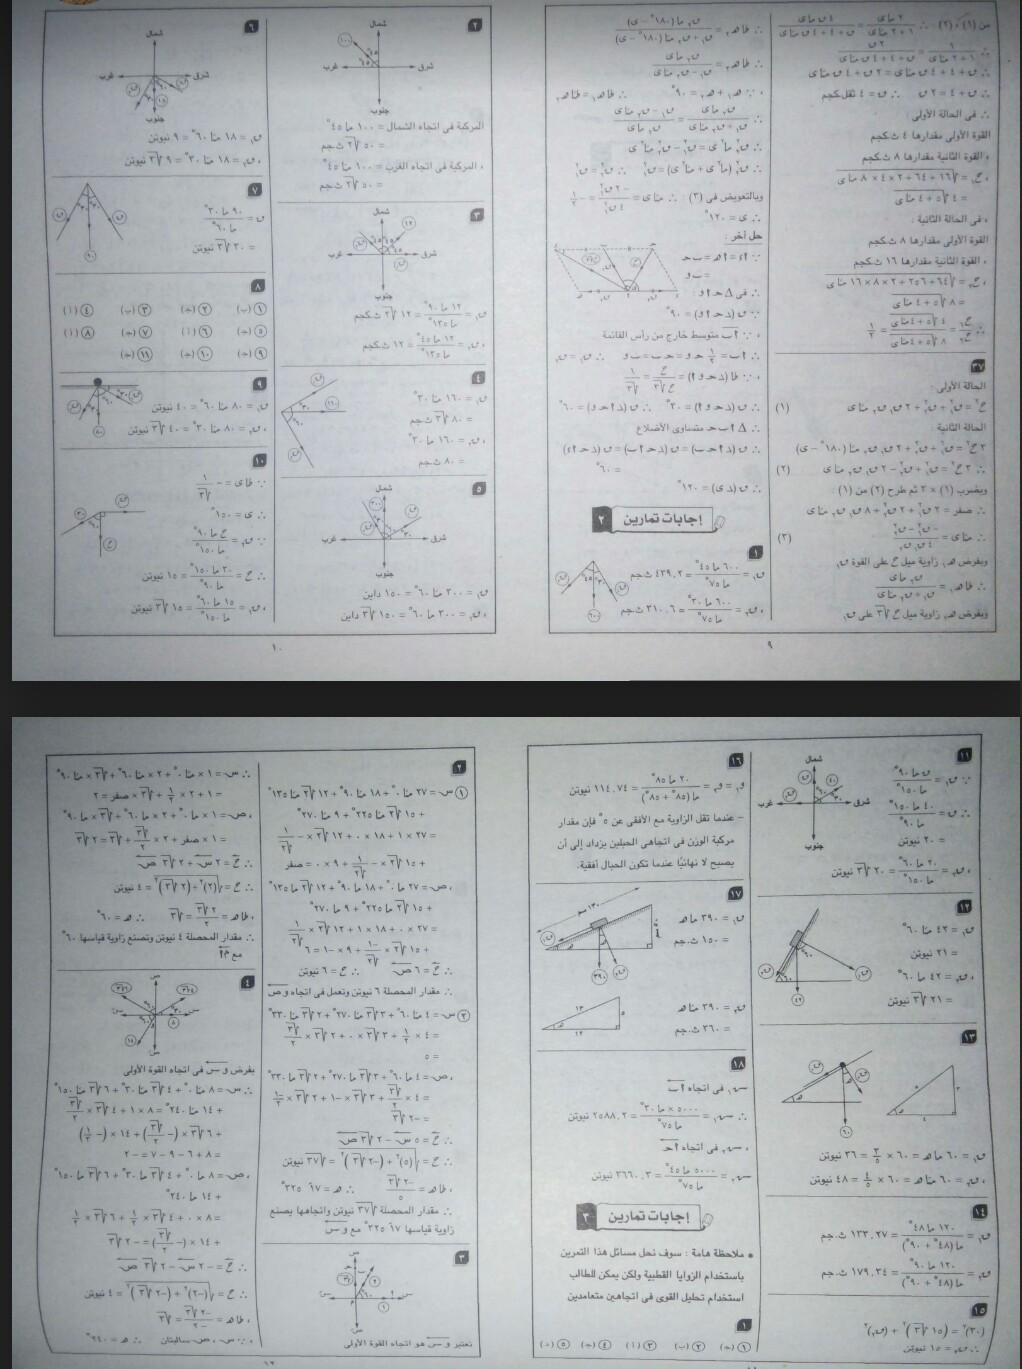 تحميل كتاب المعاصر فى الرياضيات للصف الثانى الاعدادى الترم الاول